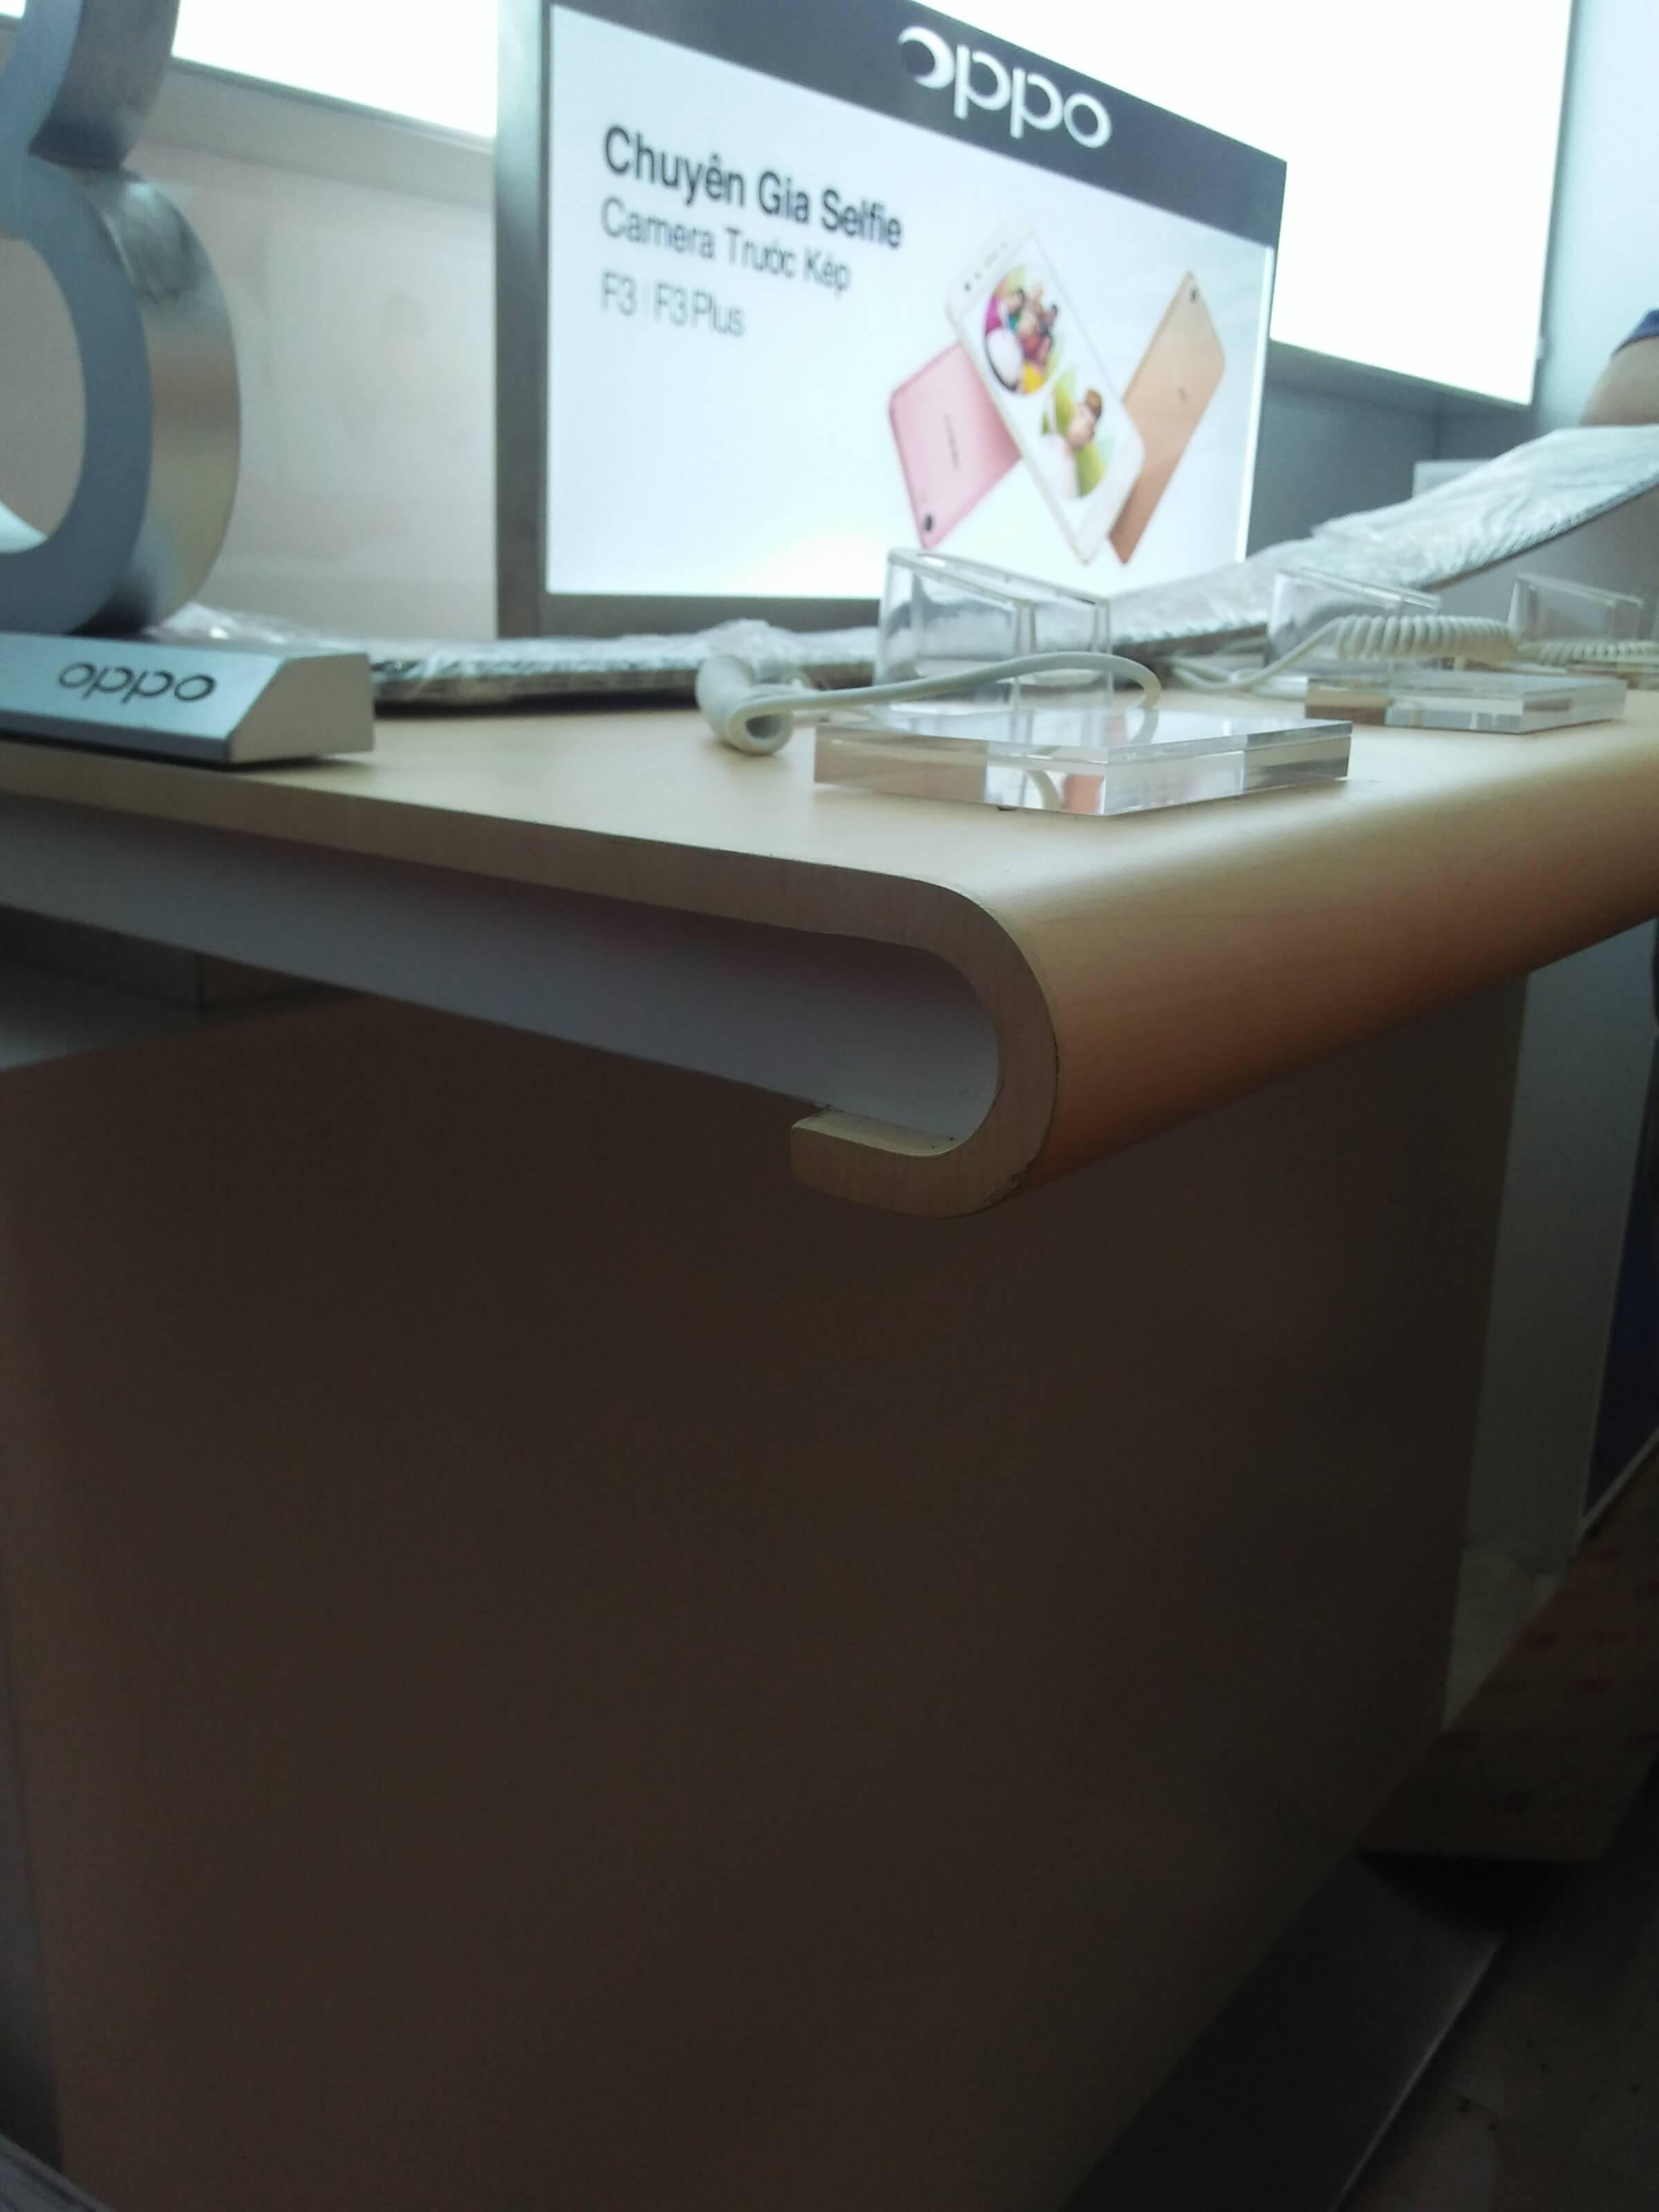 Nét đến từng chi tiết, tủ điện thoại OPPO